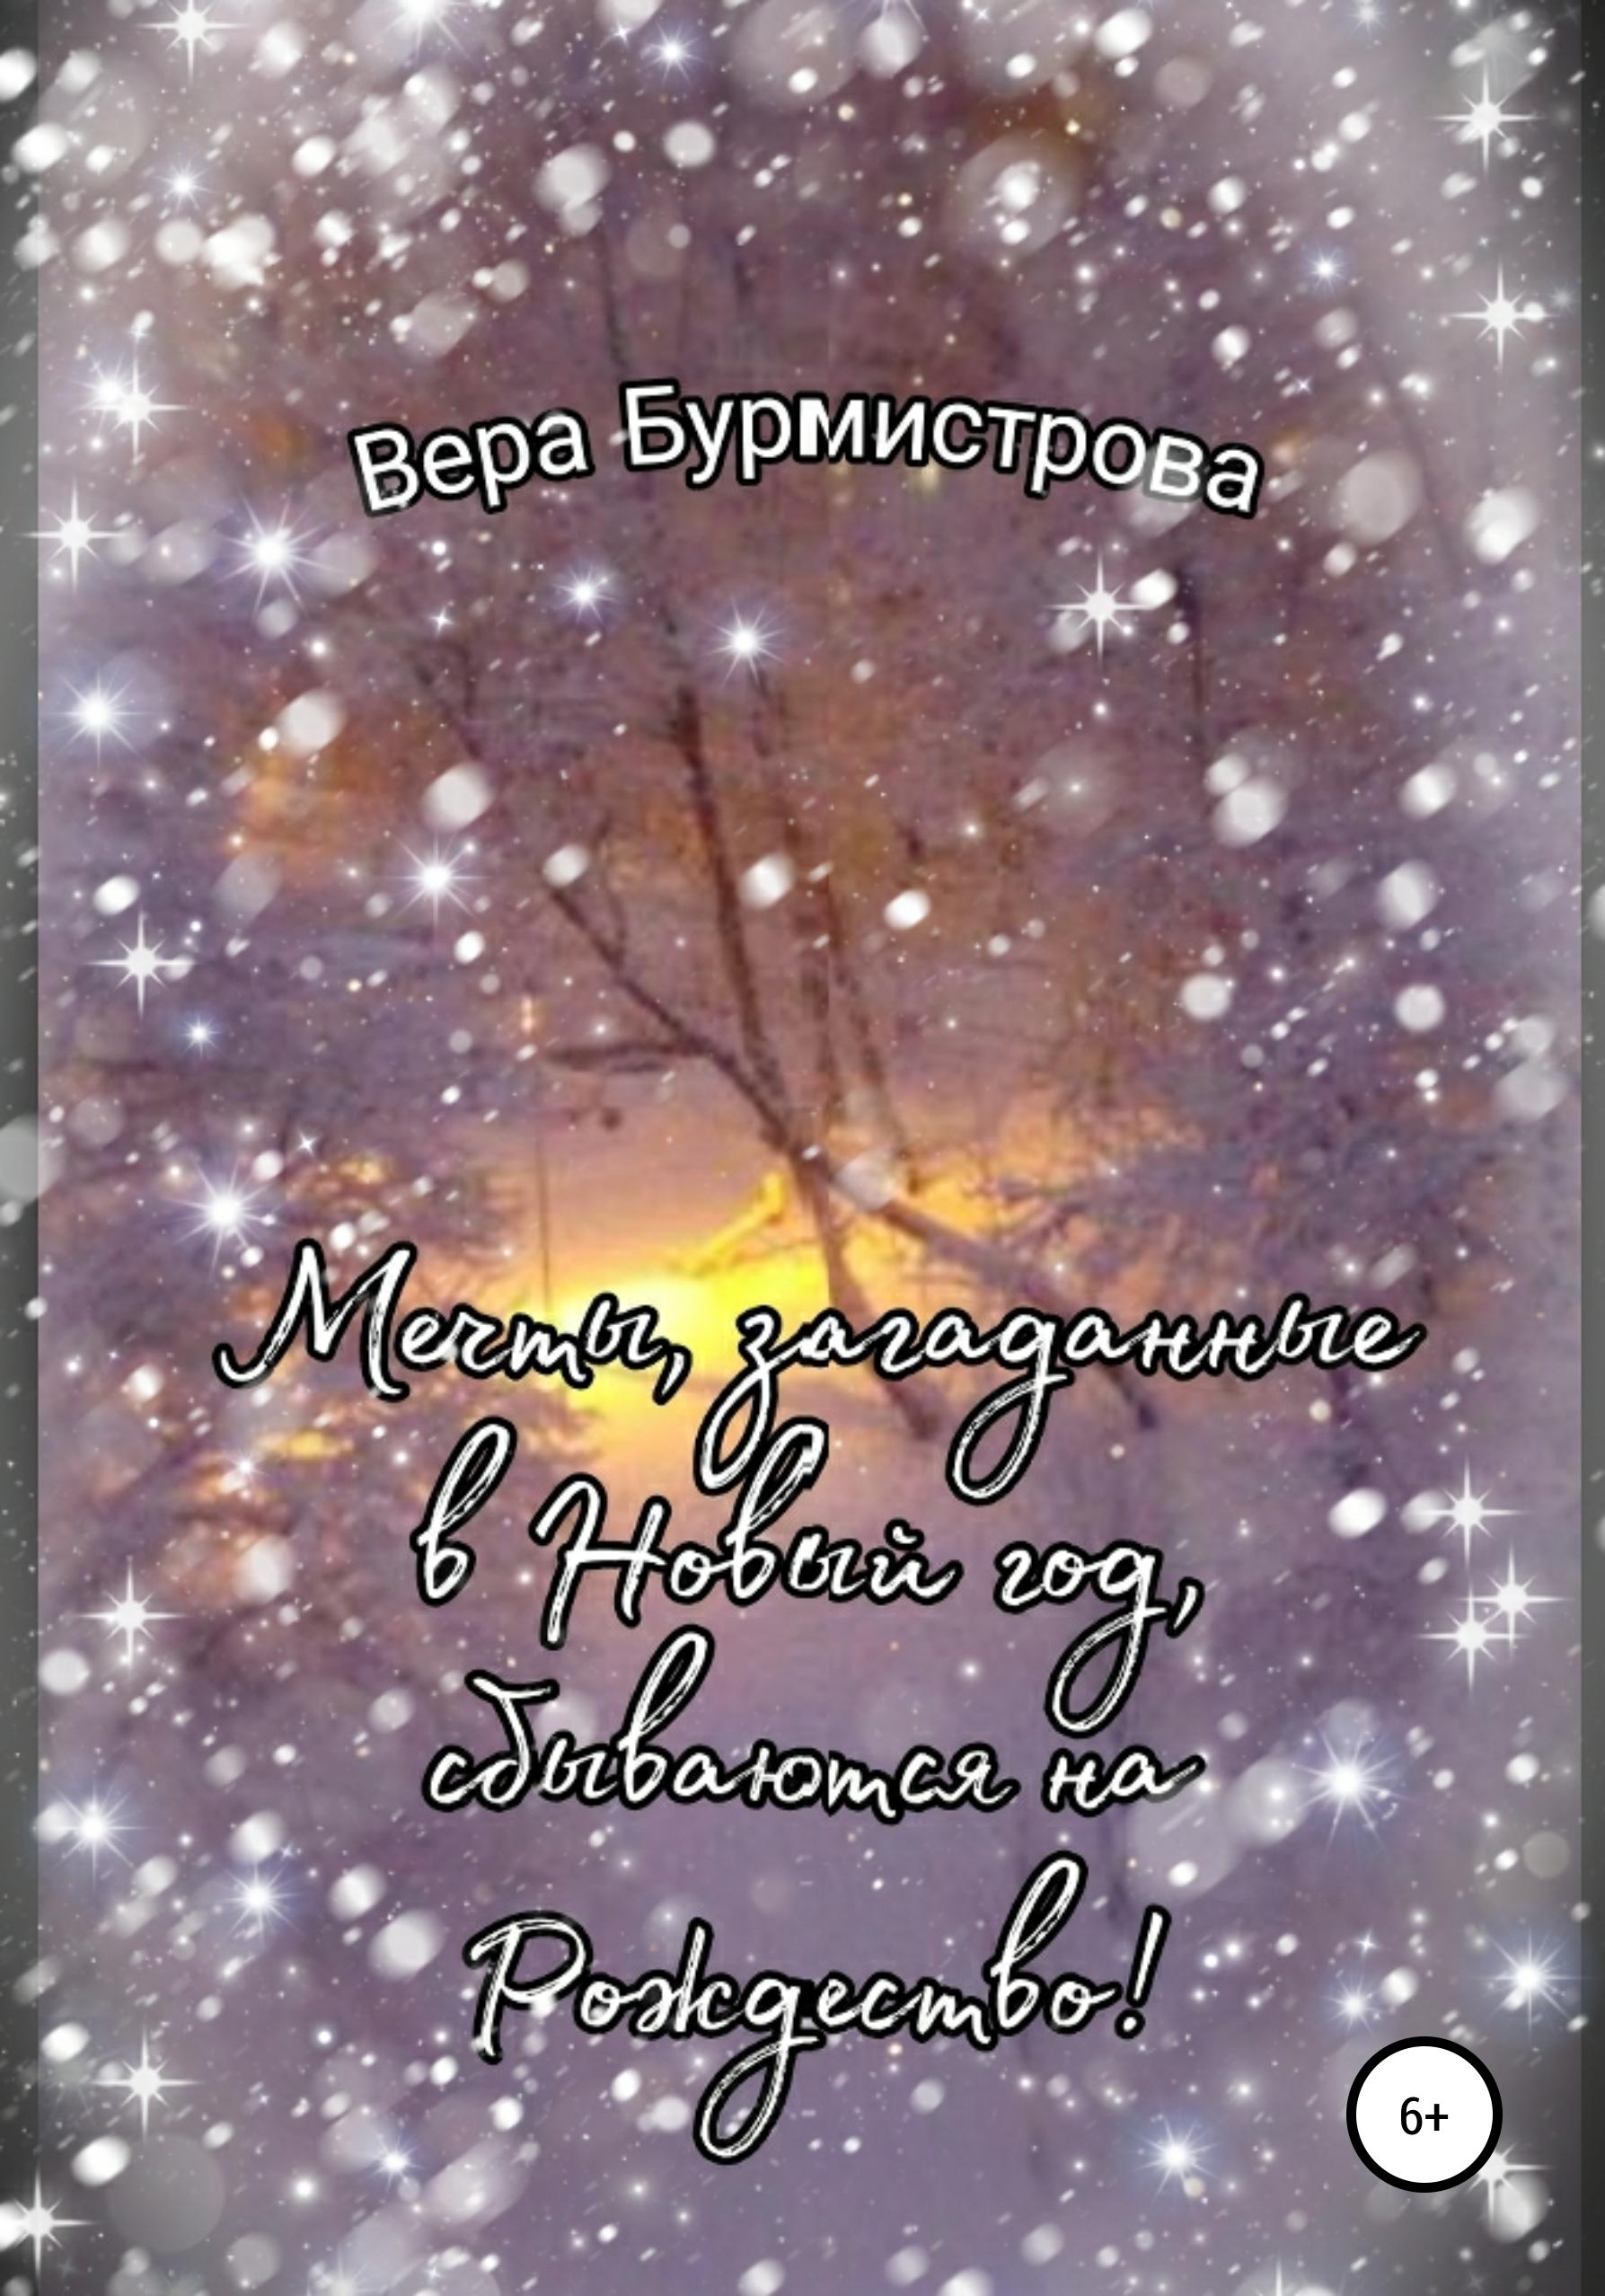 Купить книгу Мечты, загаданные в Новый год, сбываются на Рождество!, автора Веры Бурмистровой